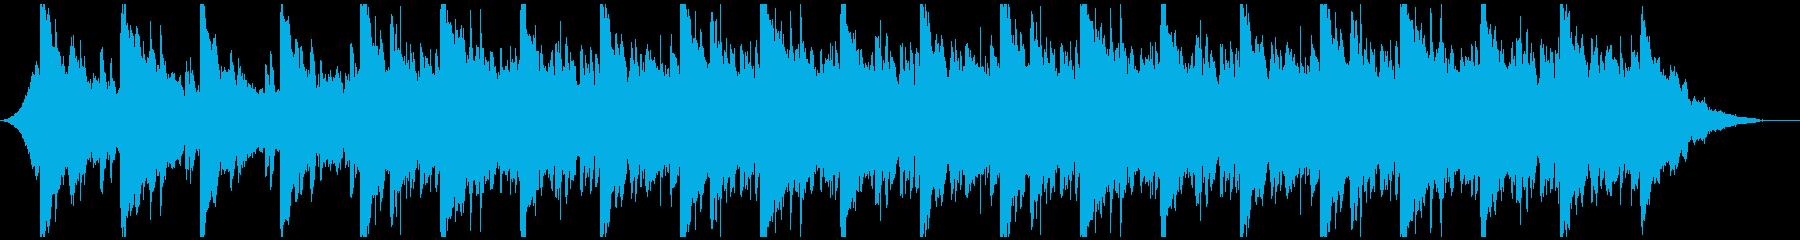 モダン 交響曲 室内楽 コーポレー...の再生済みの波形